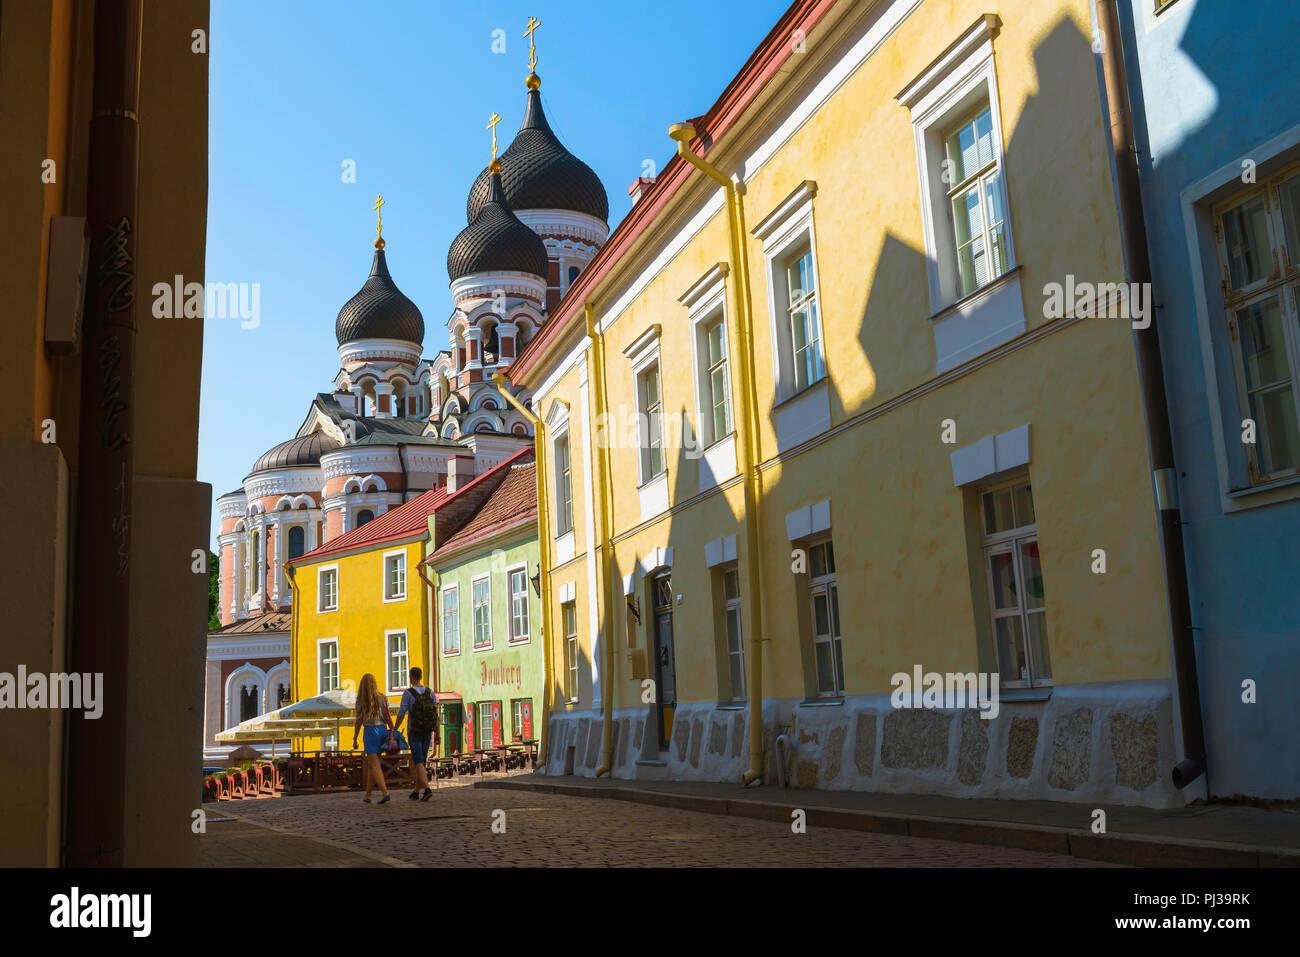 Junge Leute reisen, Aussicht im Sommer zwei junge Menschen entlang eine bunte Straße Toompea Hügel in Tallinn, Estland. Stockbild